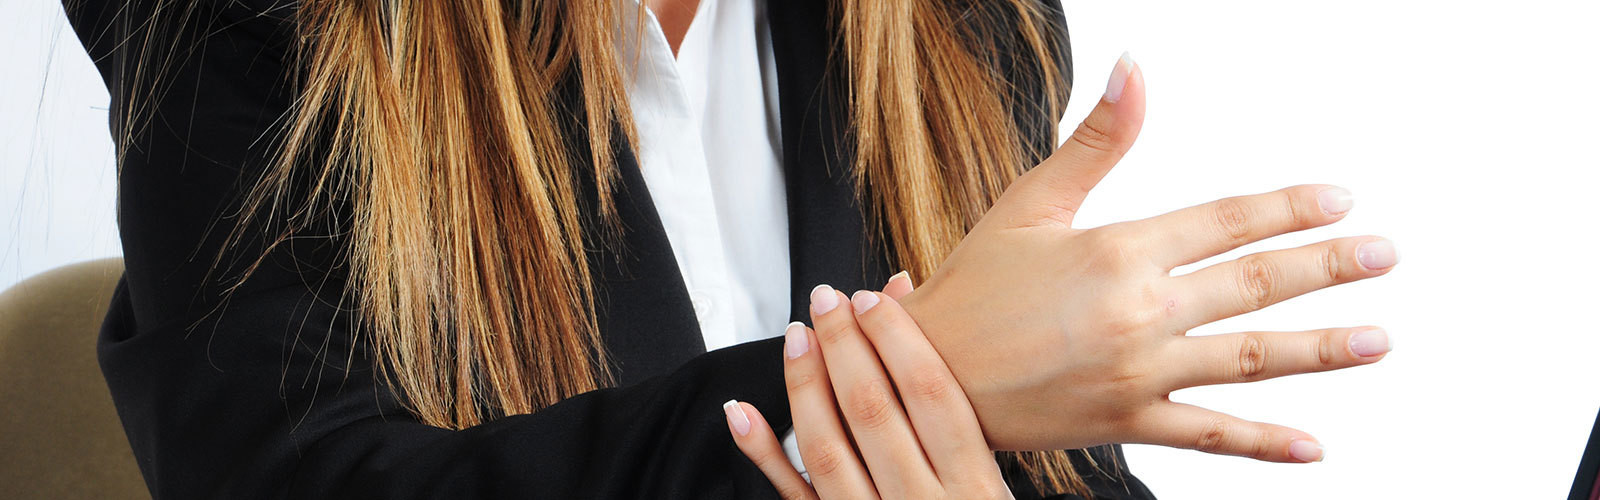 Hand/Wrist